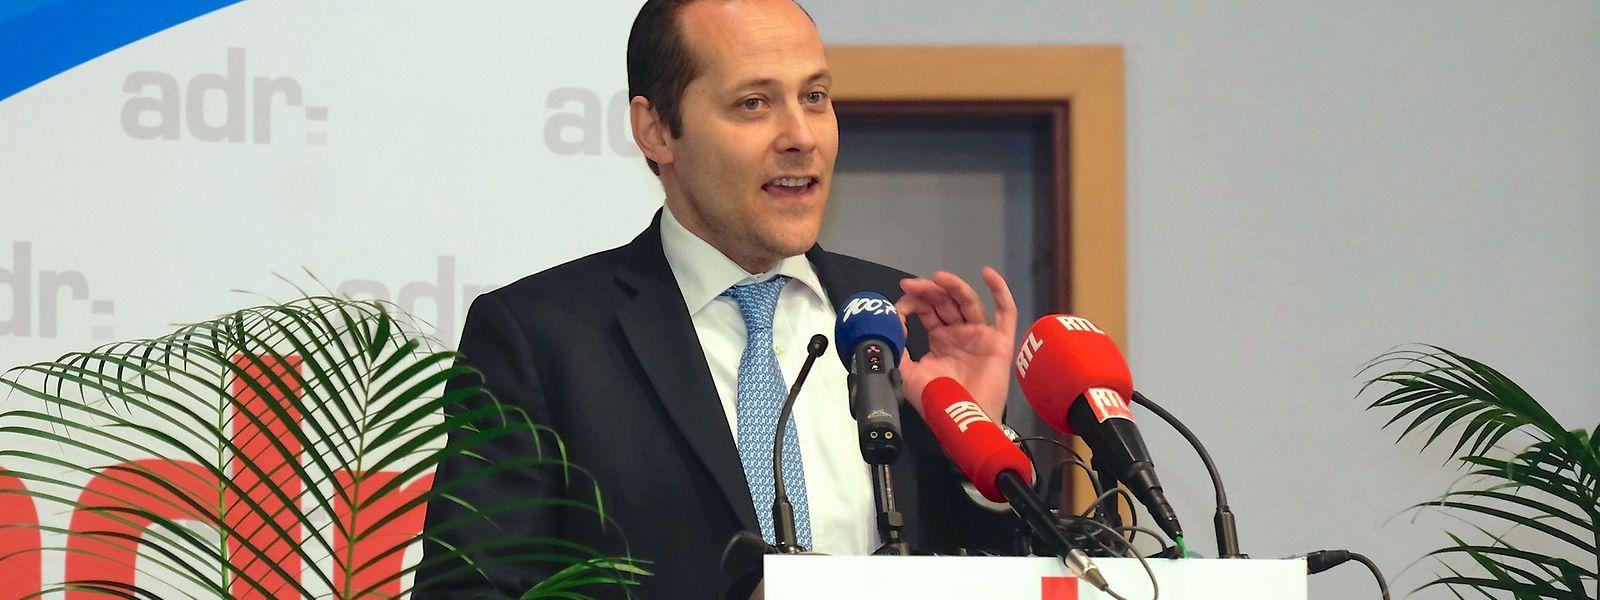 Alex Penning a été le seul candidat au poste de secrétaire général